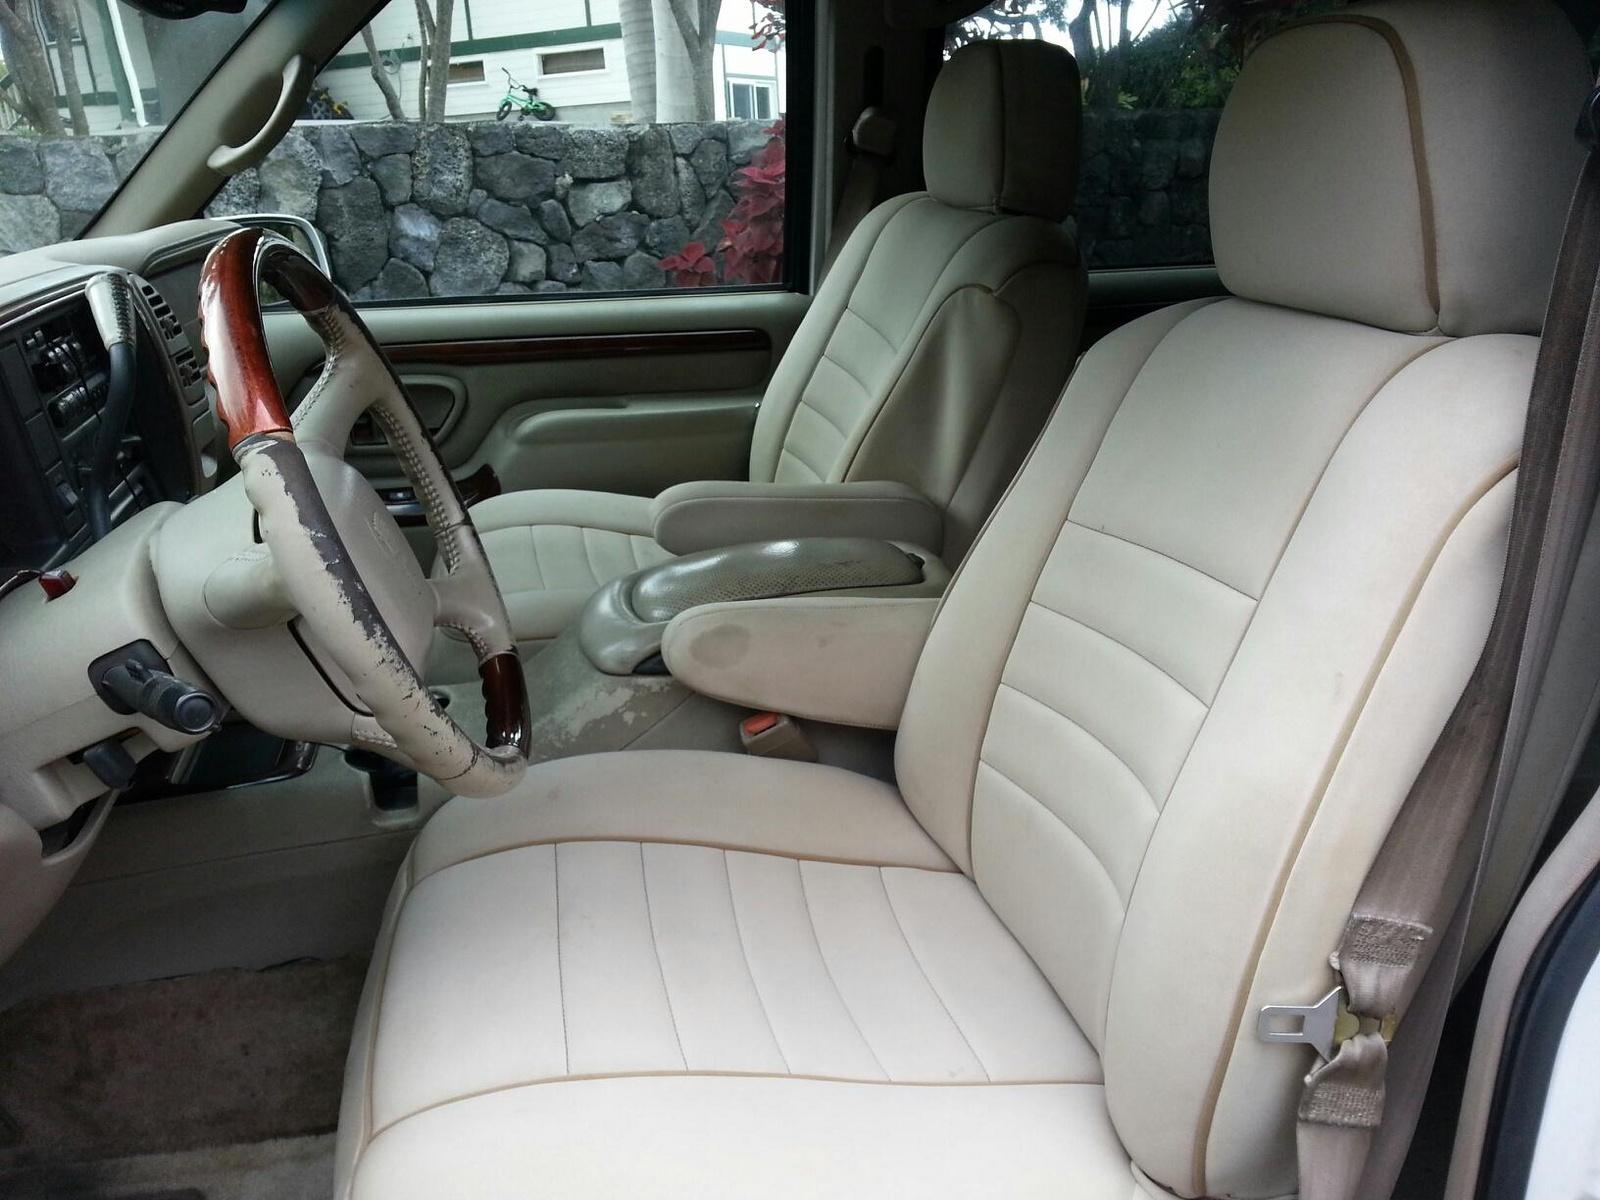 2000 Cadillac Escalade Interior Pictures Cargurus